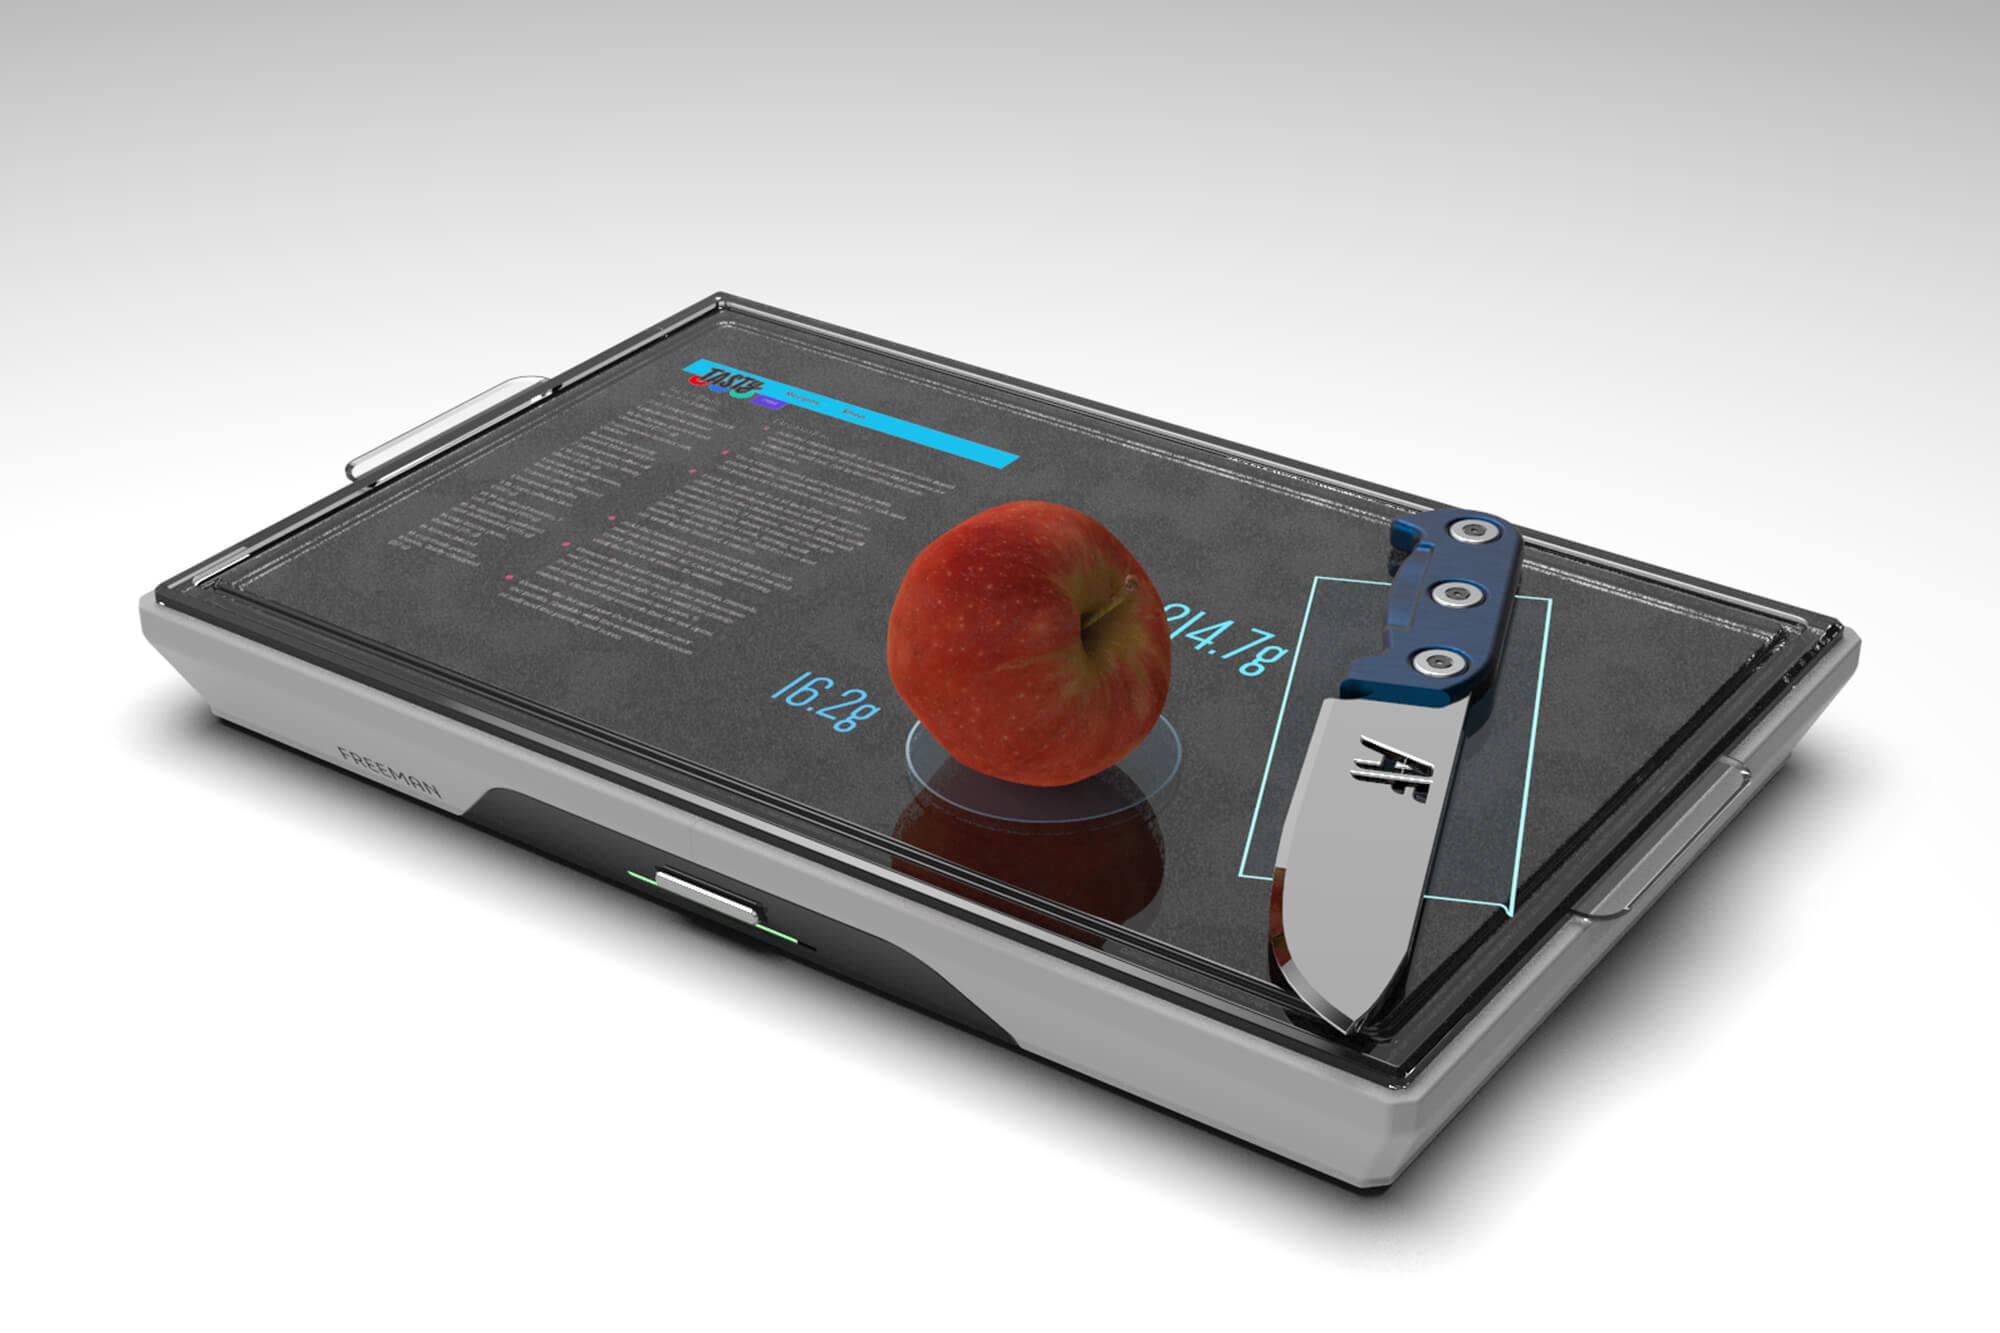 Digital image of a digital chopping board